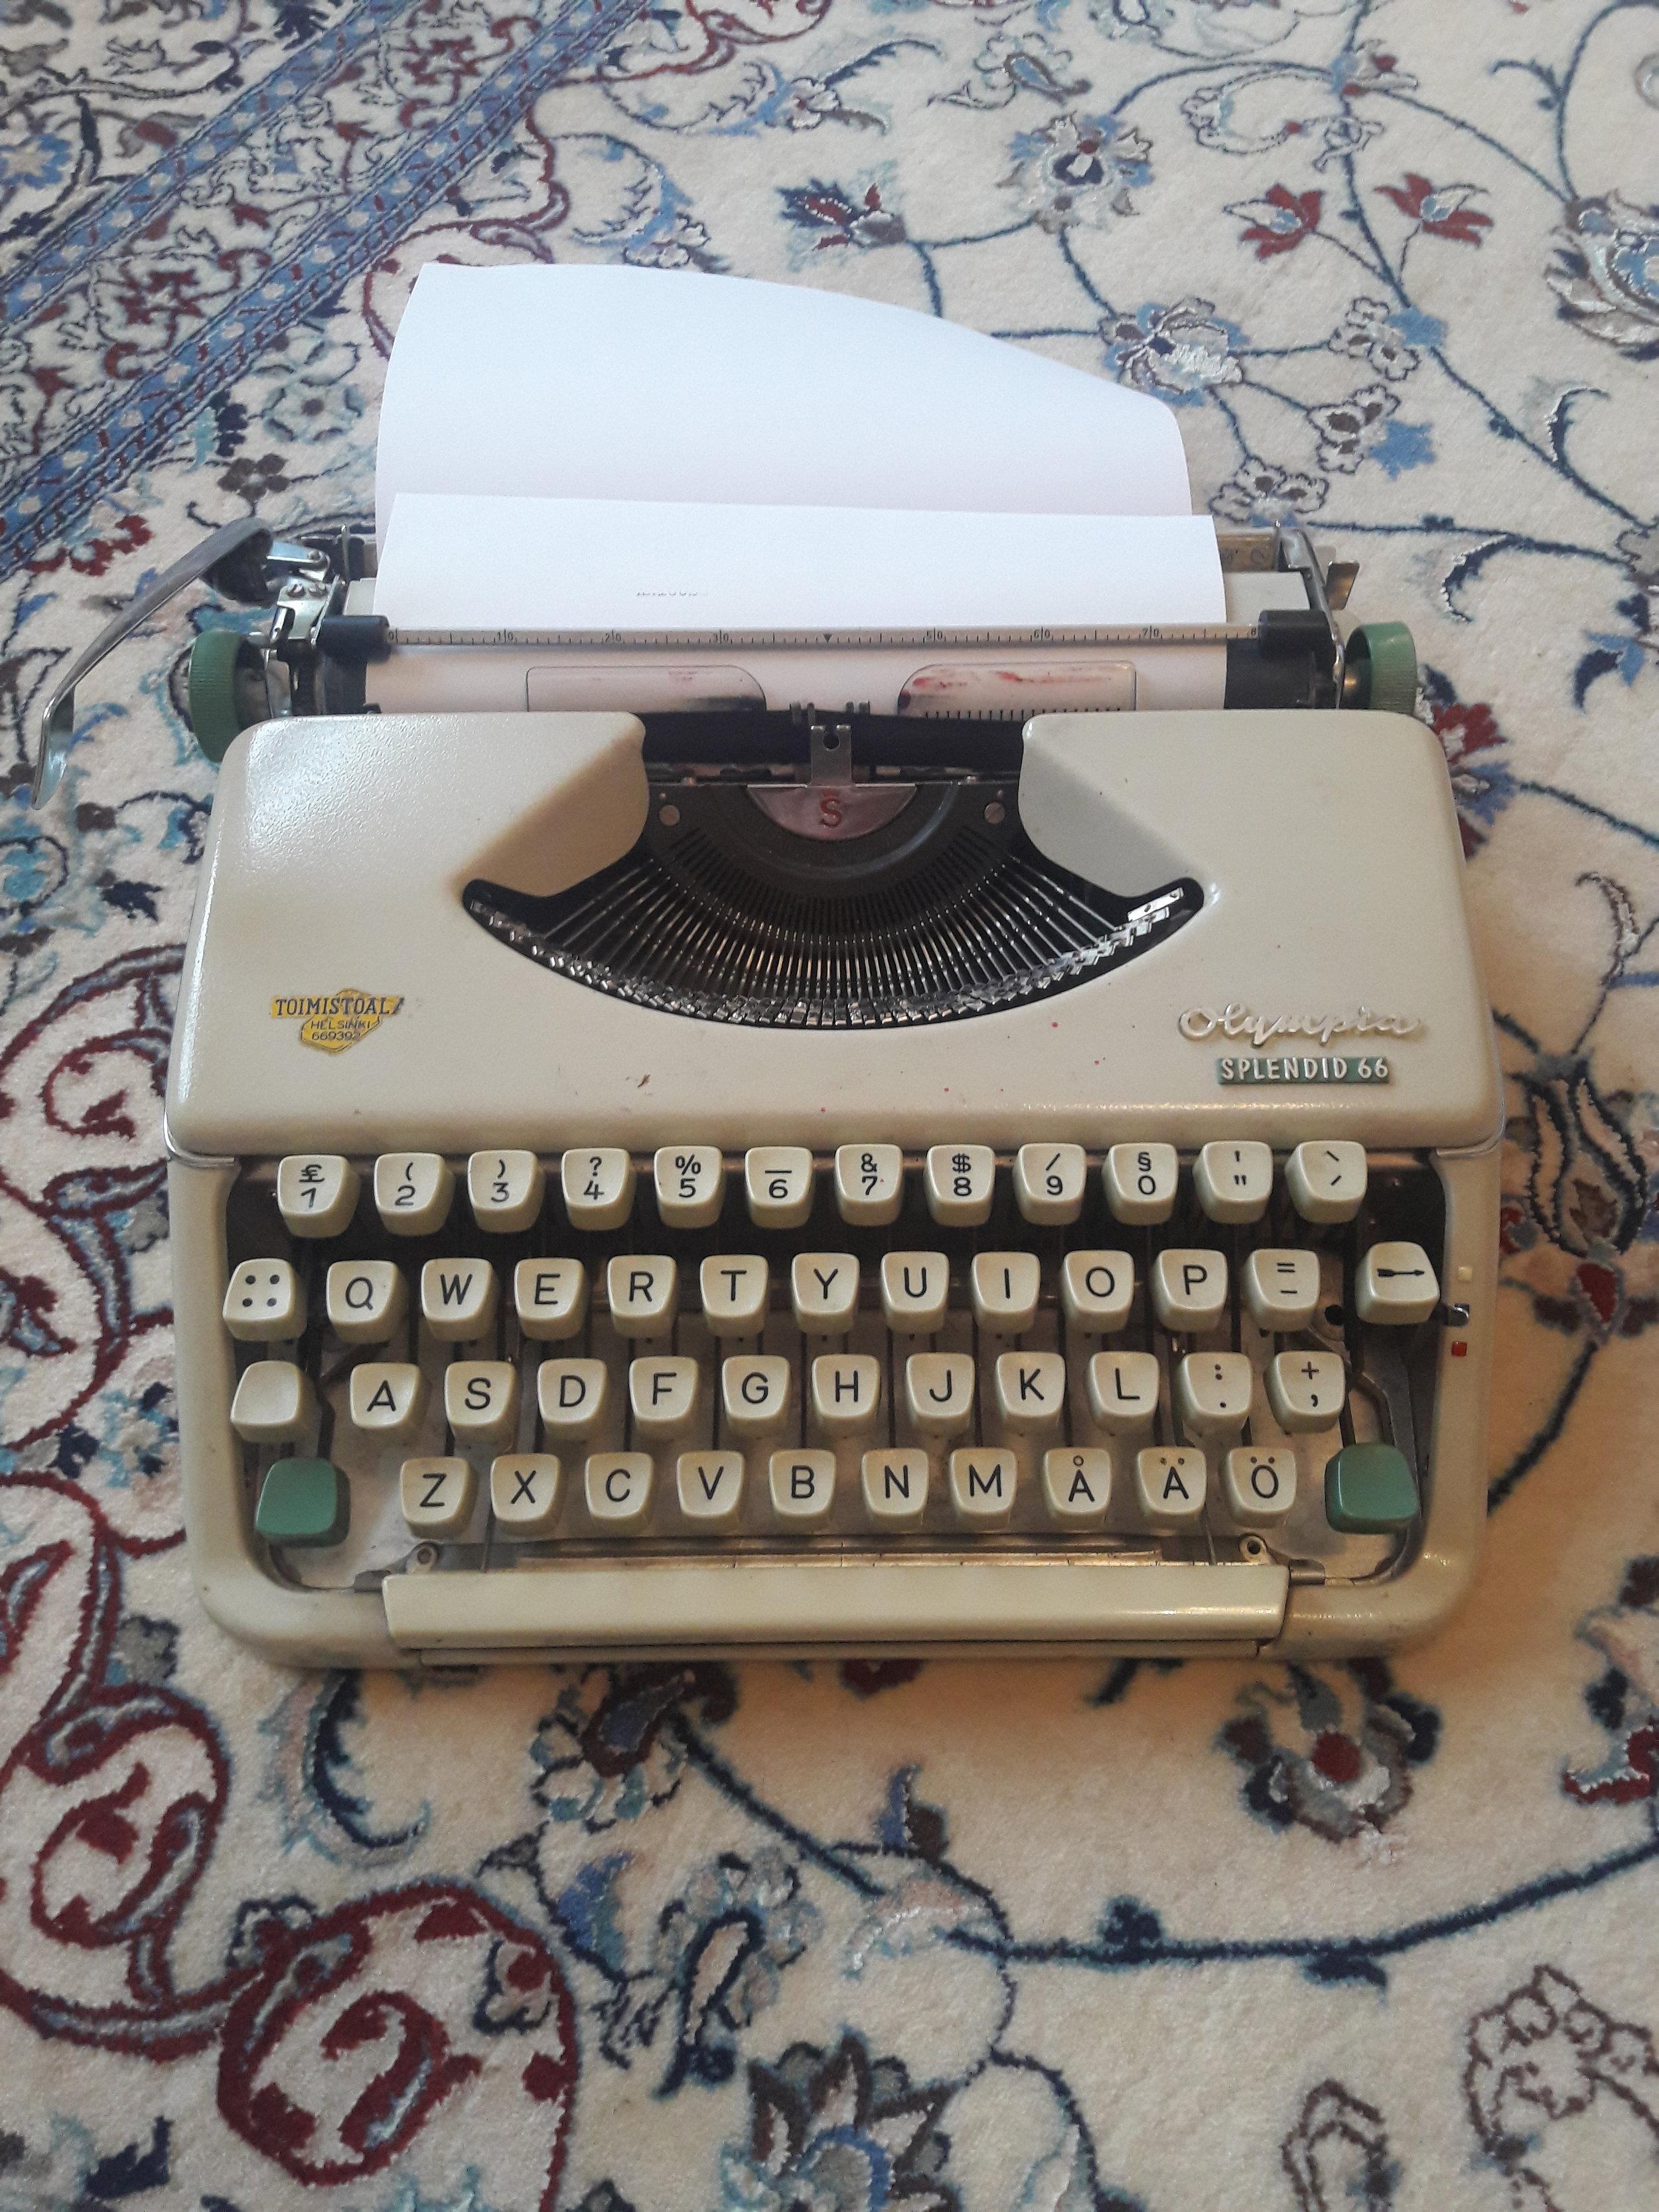 Dedan eli isoisäni minulle pienenä lahjoittama kirjoituskone.